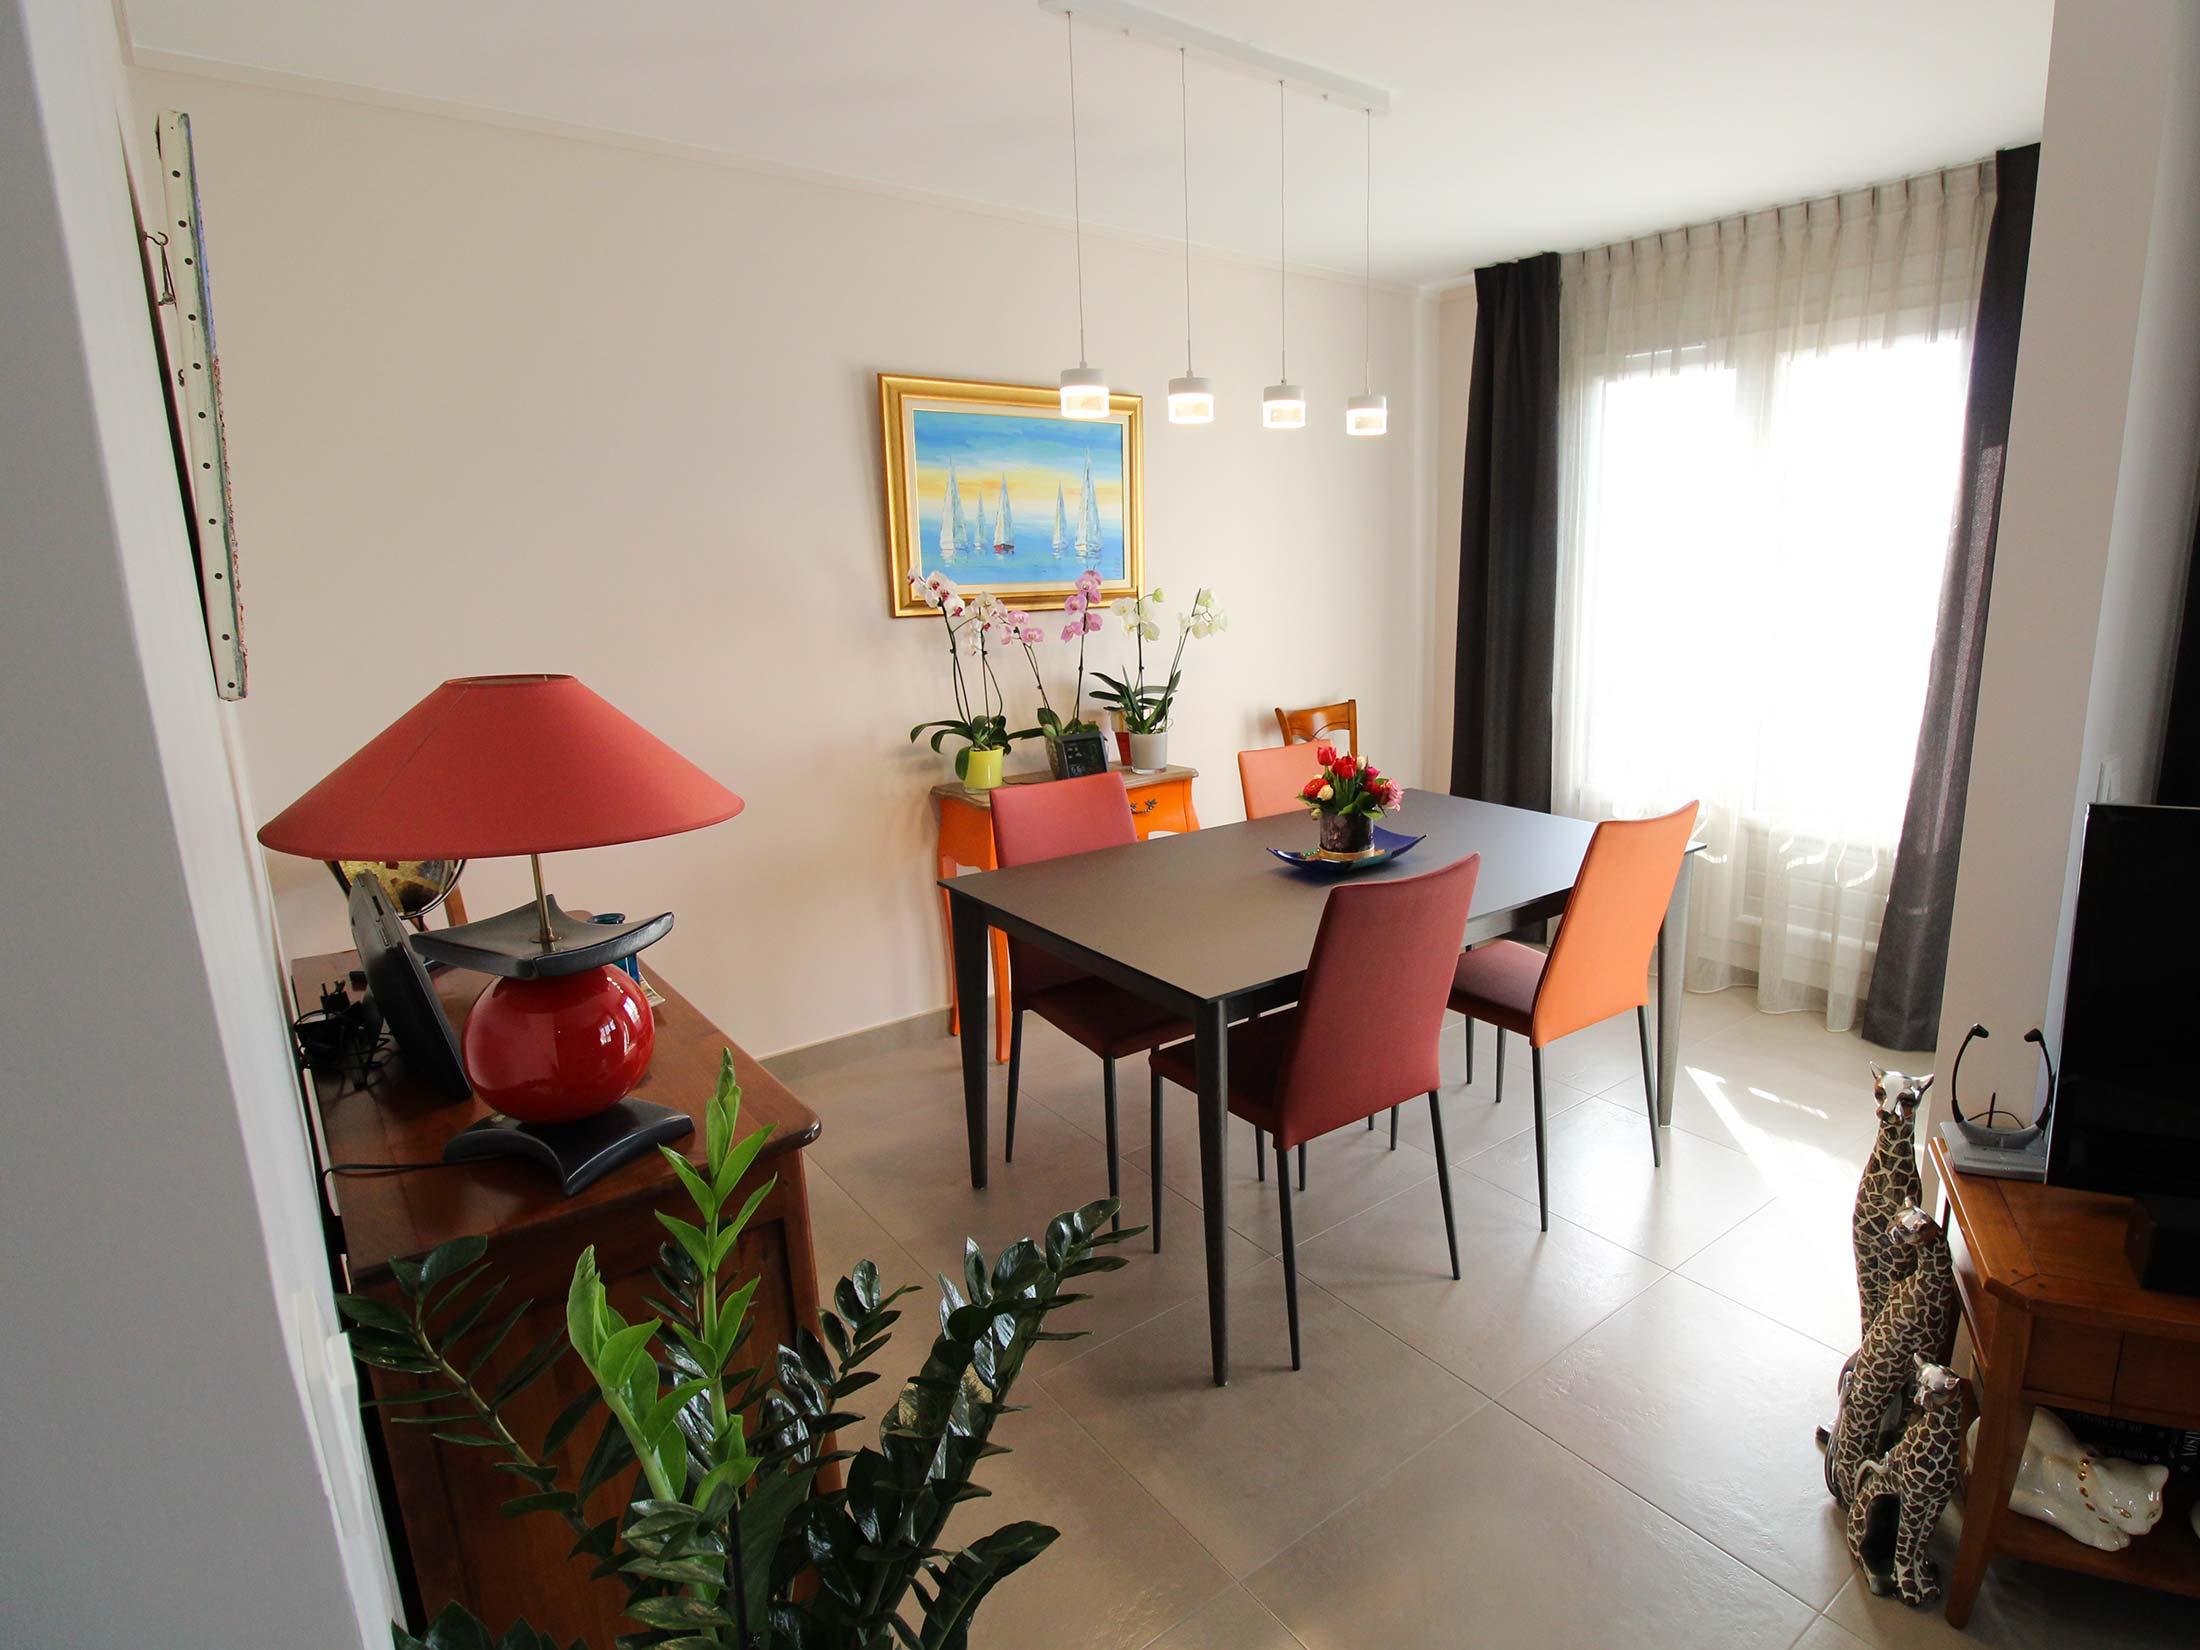 Rénovation d'un appartement à Villefranche sur Saône aux portes du Beaujolais